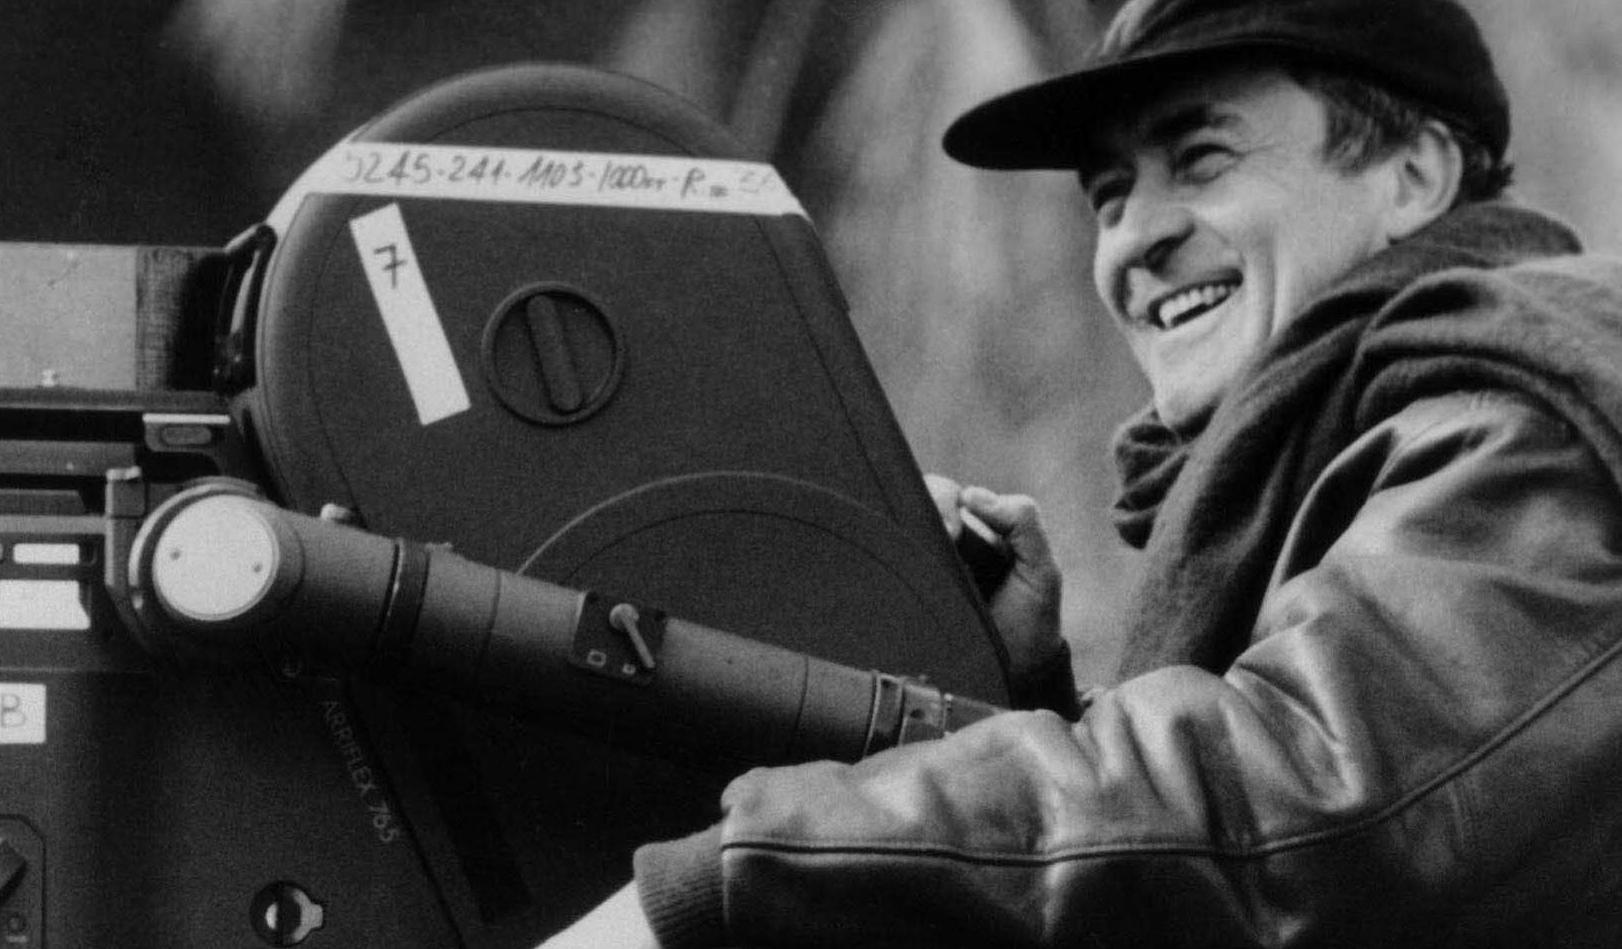 Addio a Bernardo Bertolucci, maestro del cinema